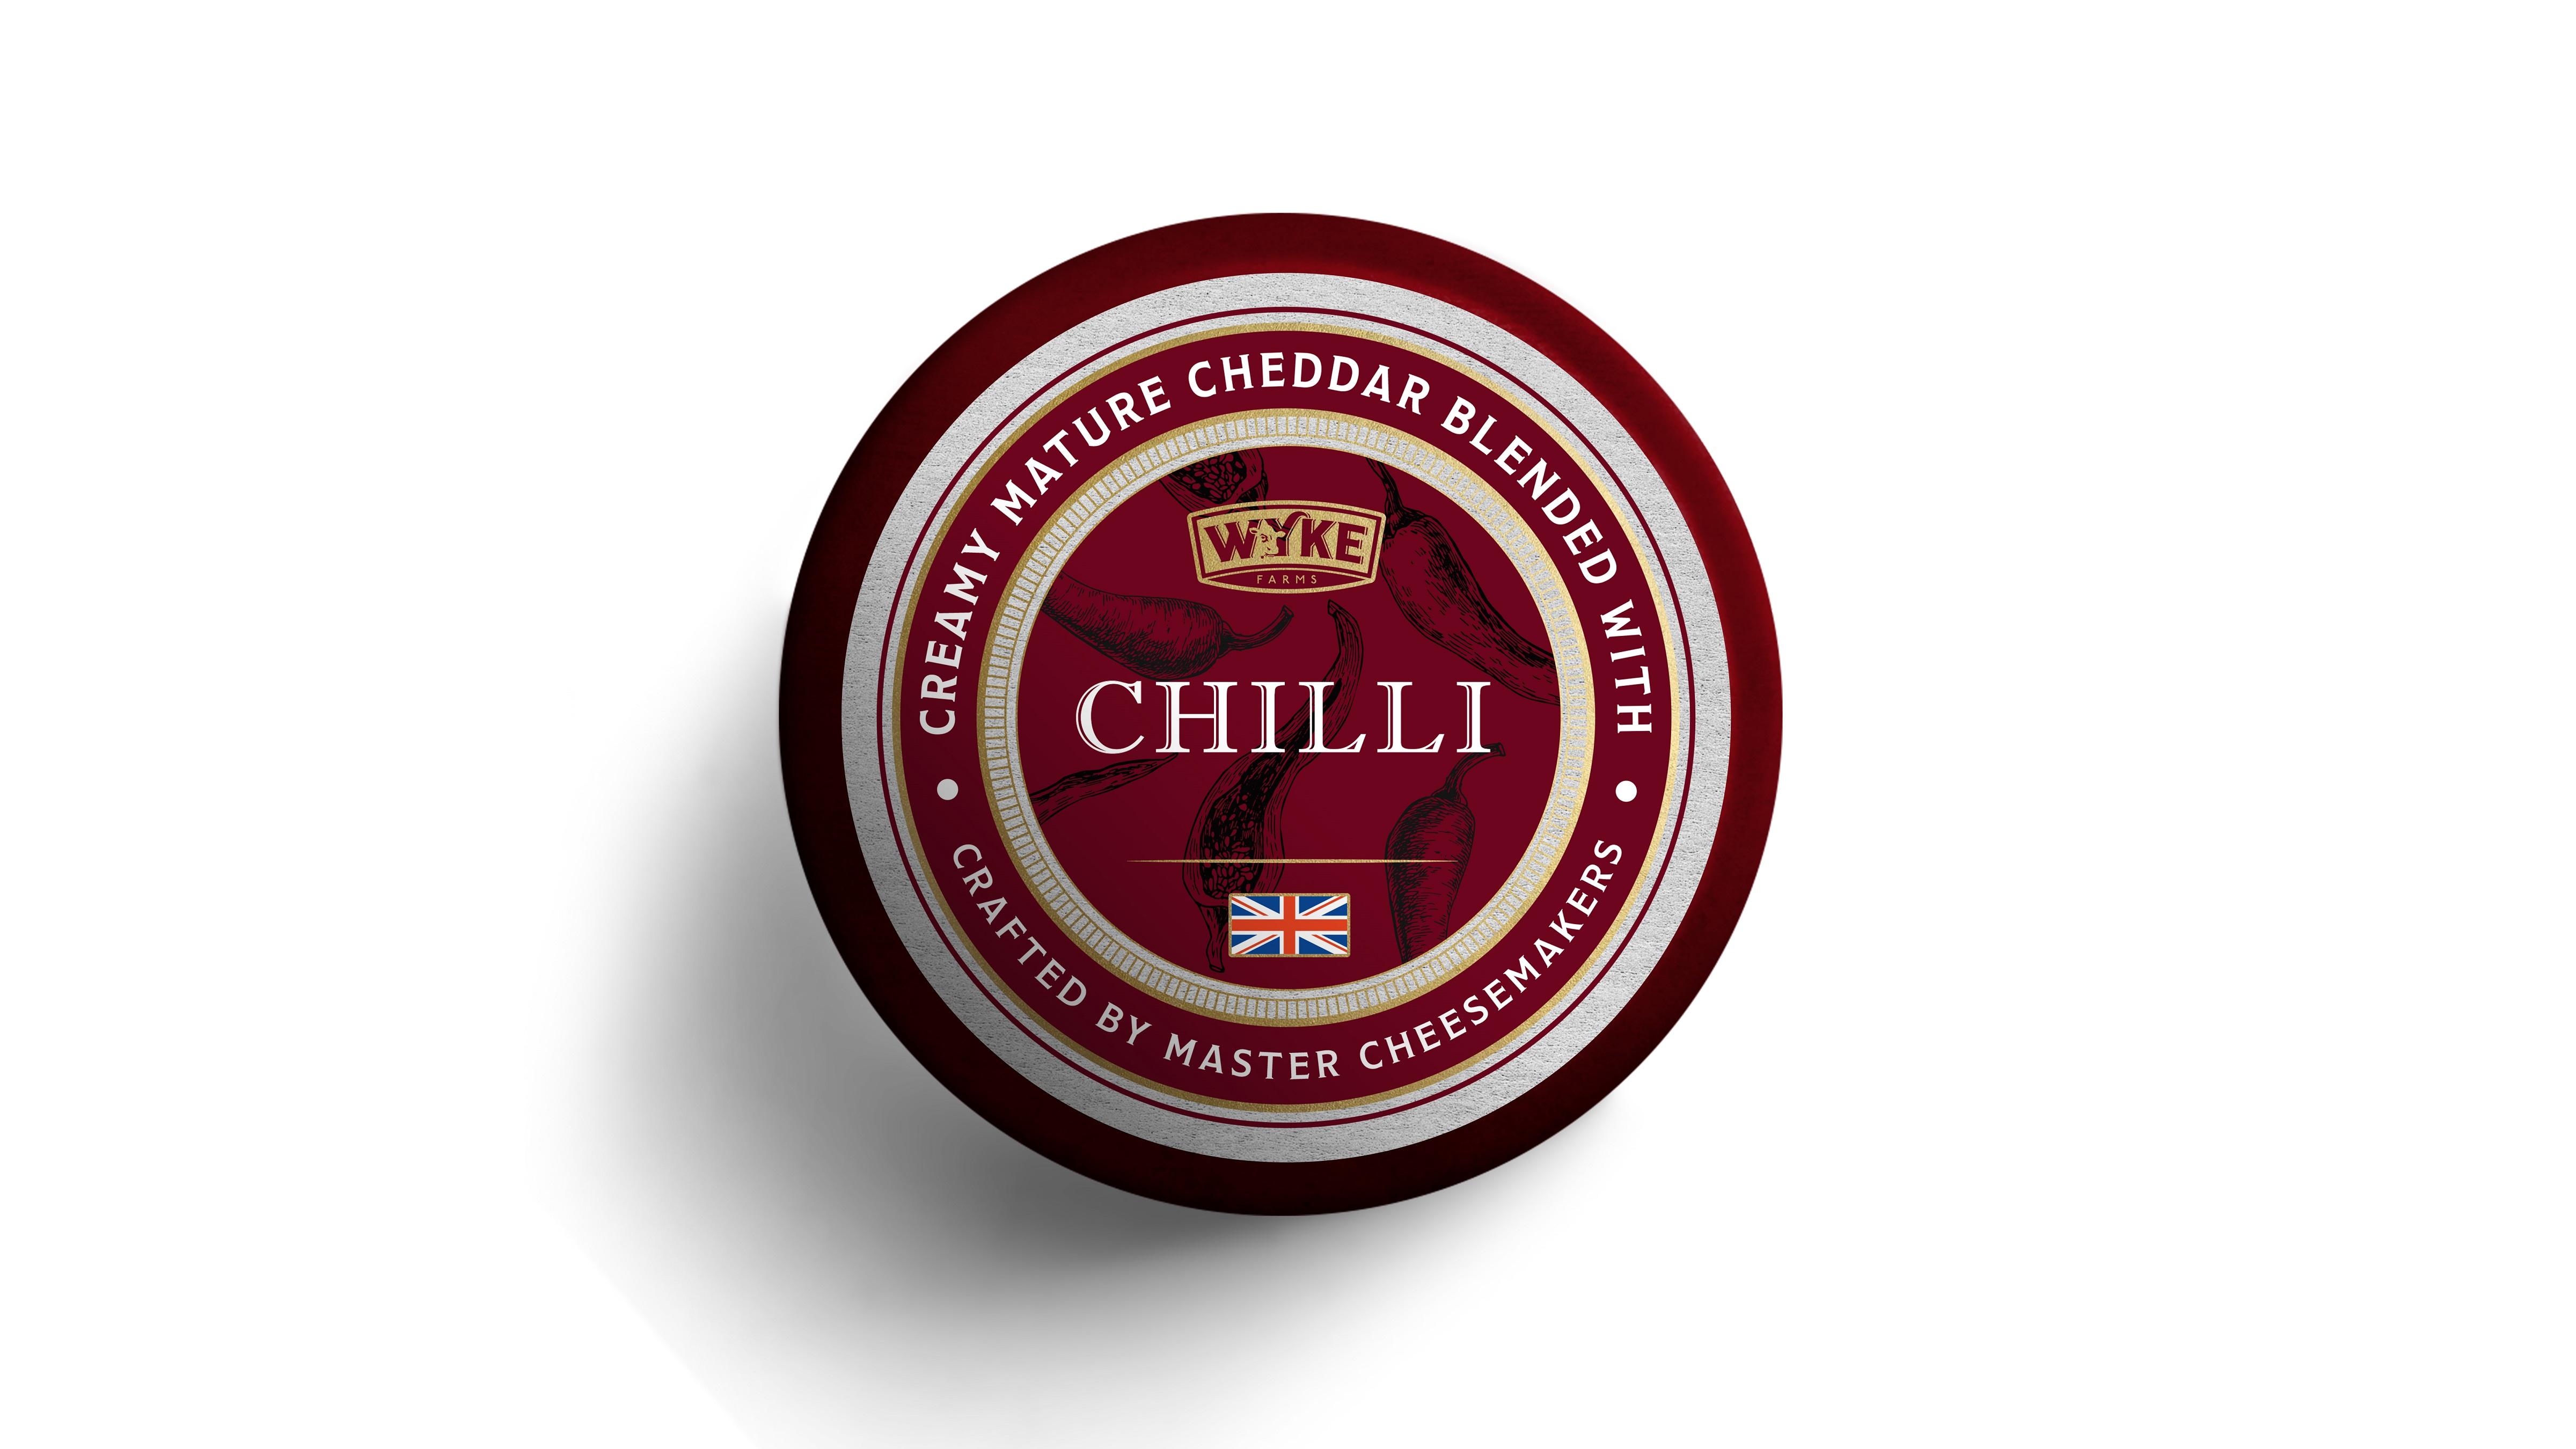 Τυρί Cheddar με Chilli Wyke Farms (100g)